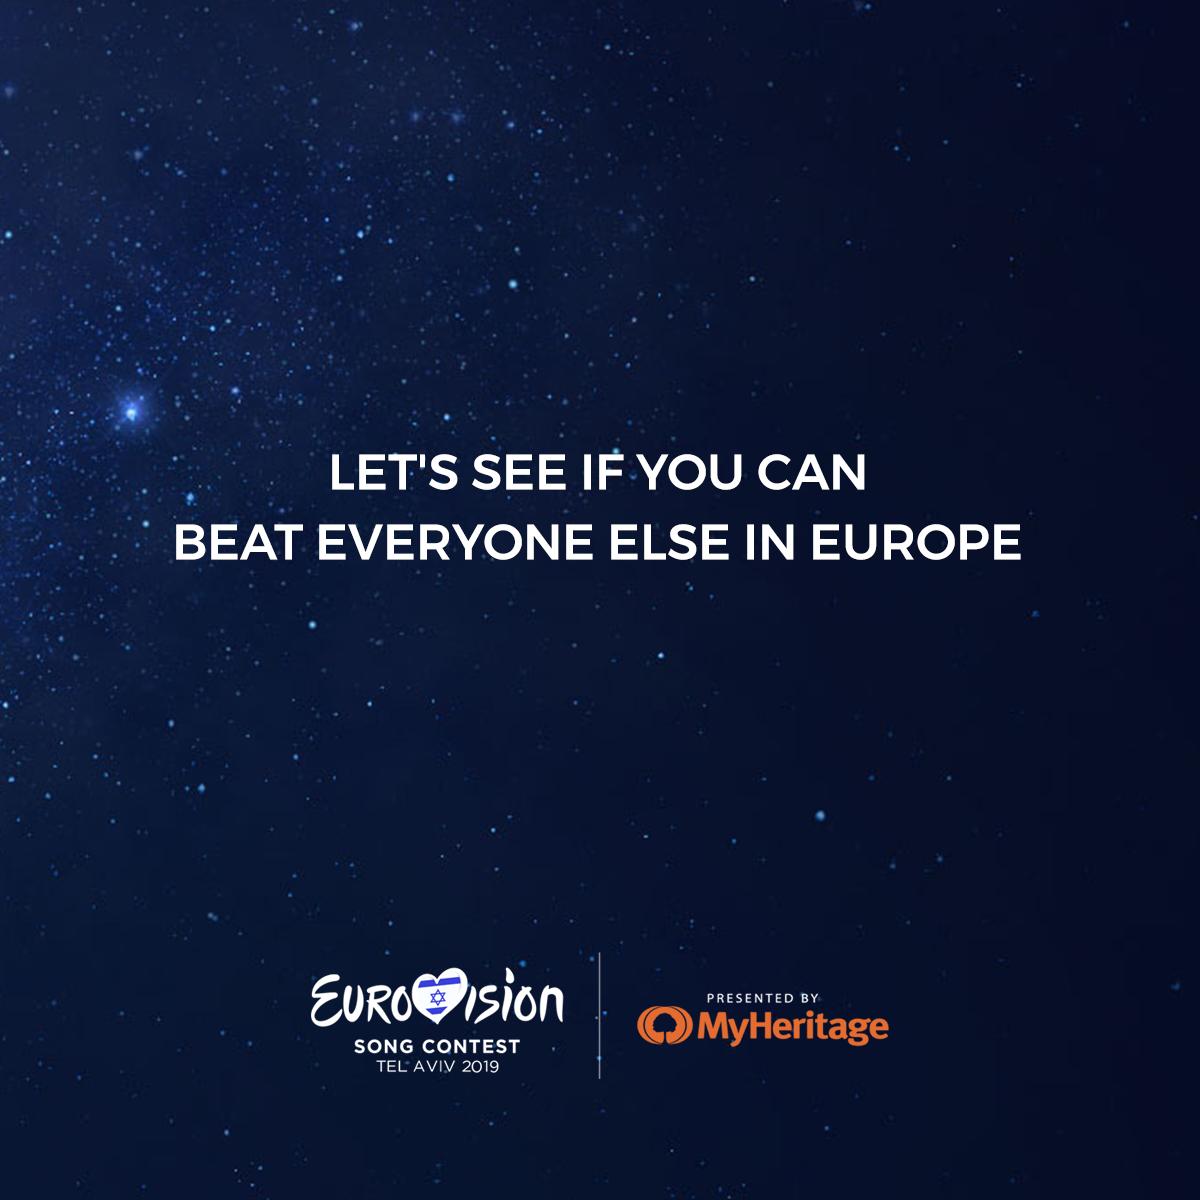 מודעות הקידום שהכנו ופורסמו ברשתות החבריות הרשמיות של האירוויזיון